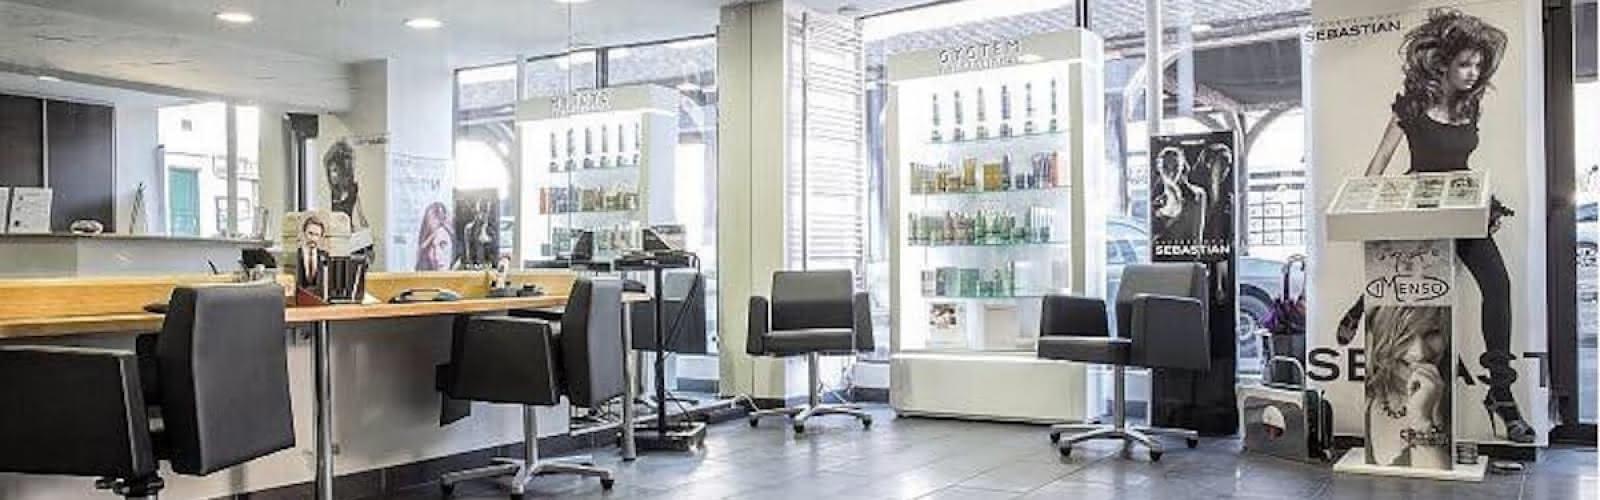 Salon Carel'm